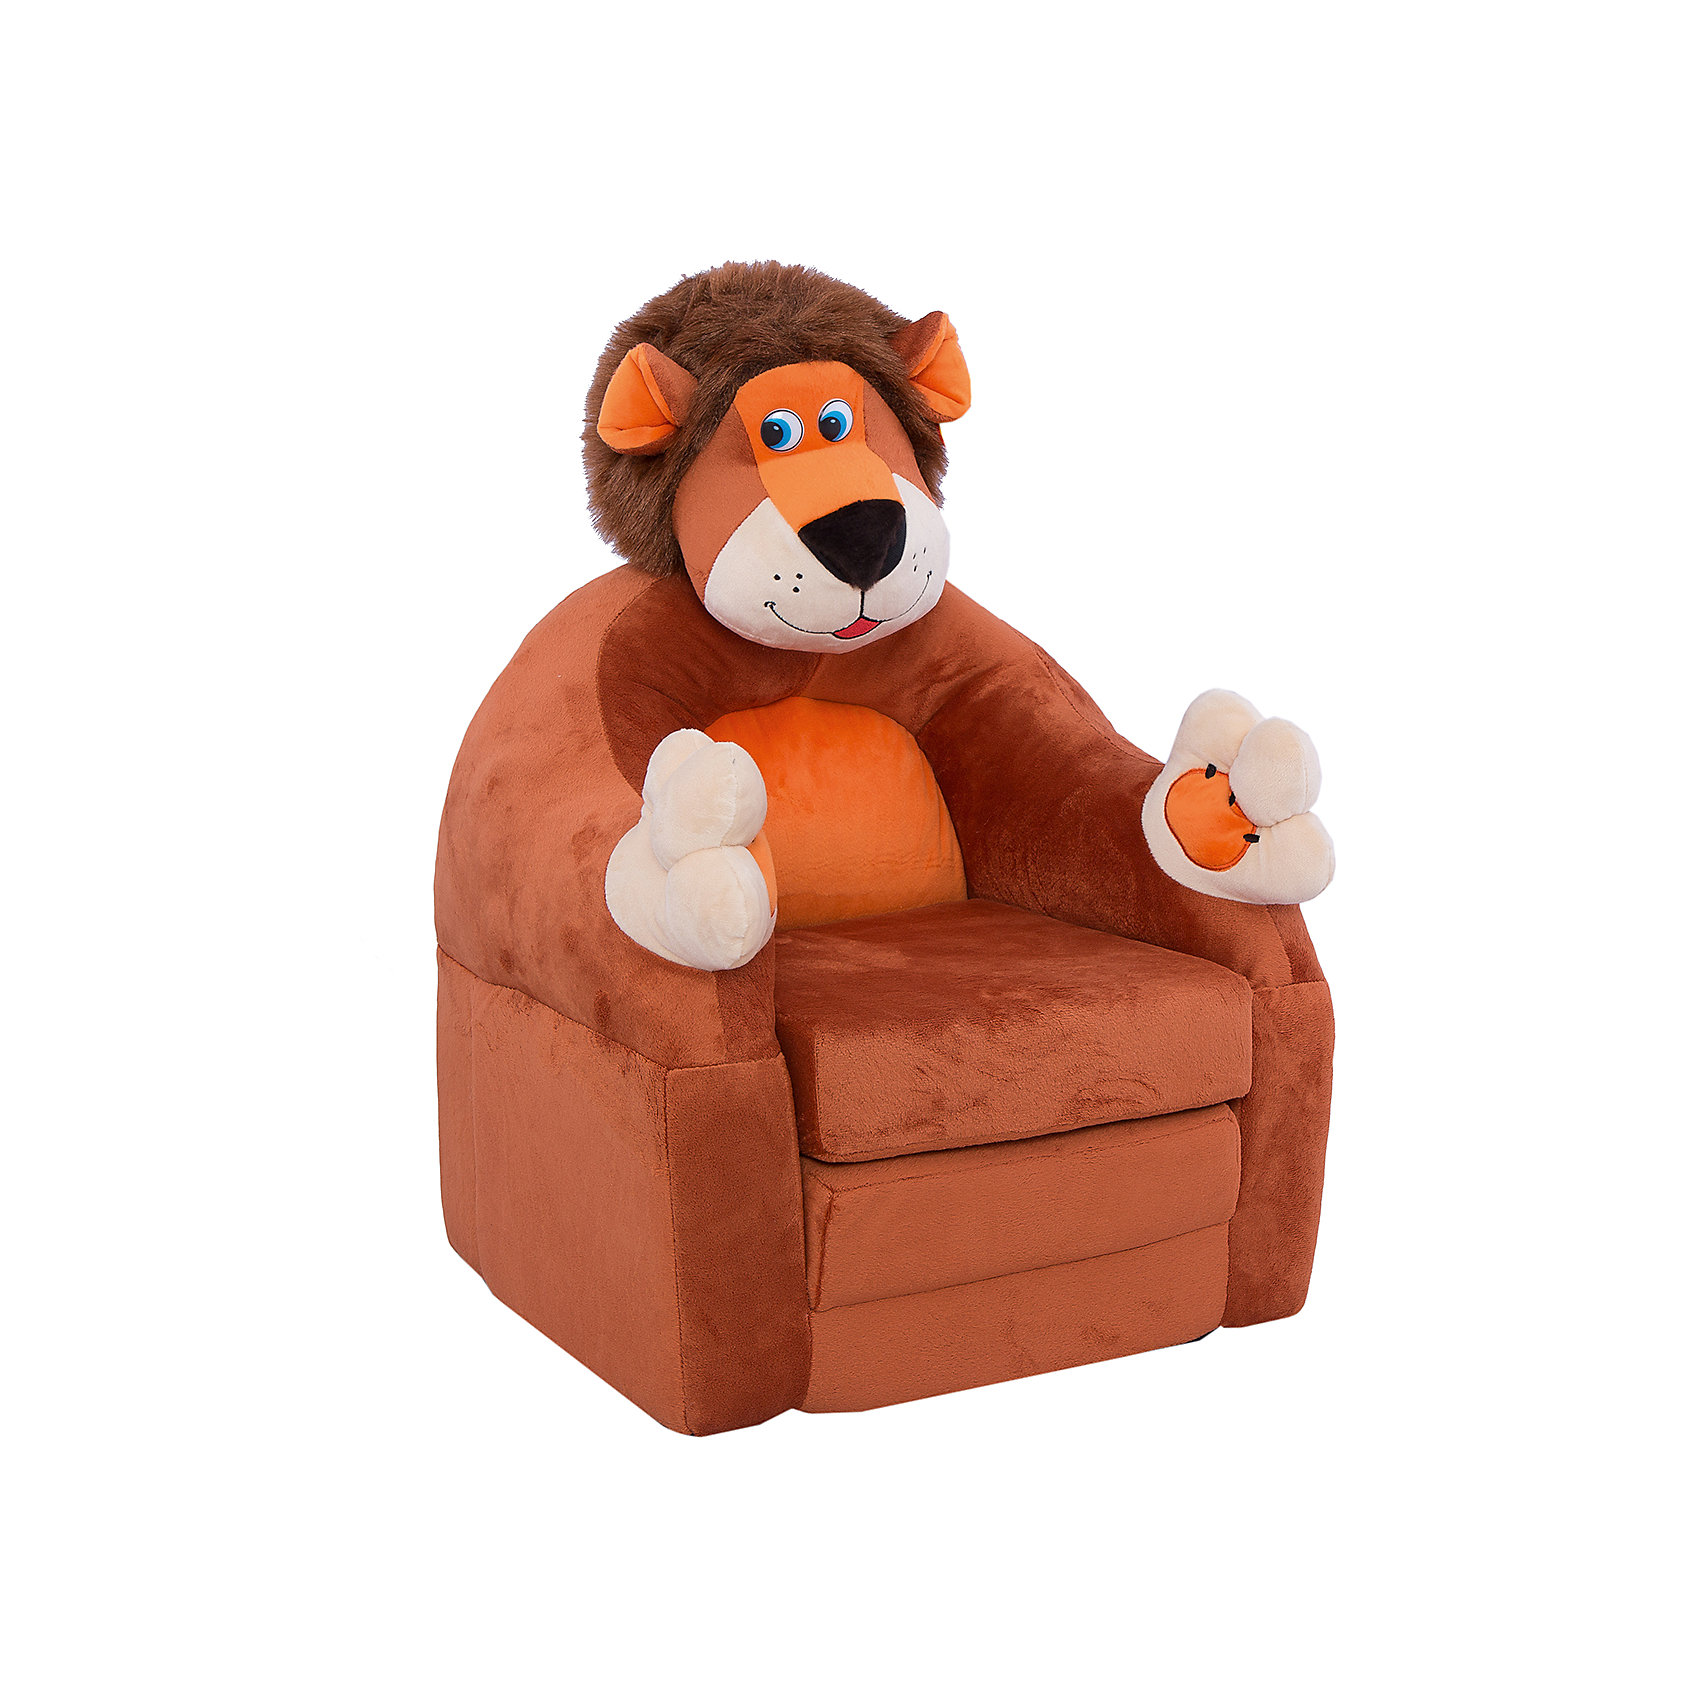 Раскладывающееся кресло-игрушка Лев<br><br>Ширина мм: 630<br>Глубина мм: 360<br>Высота мм: 440<br>Вес г: 2160<br>Возраст от месяцев: 36<br>Возраст до месяцев: 2147483647<br>Пол: Унисекс<br>Возраст: Детский<br>SKU: 4891844